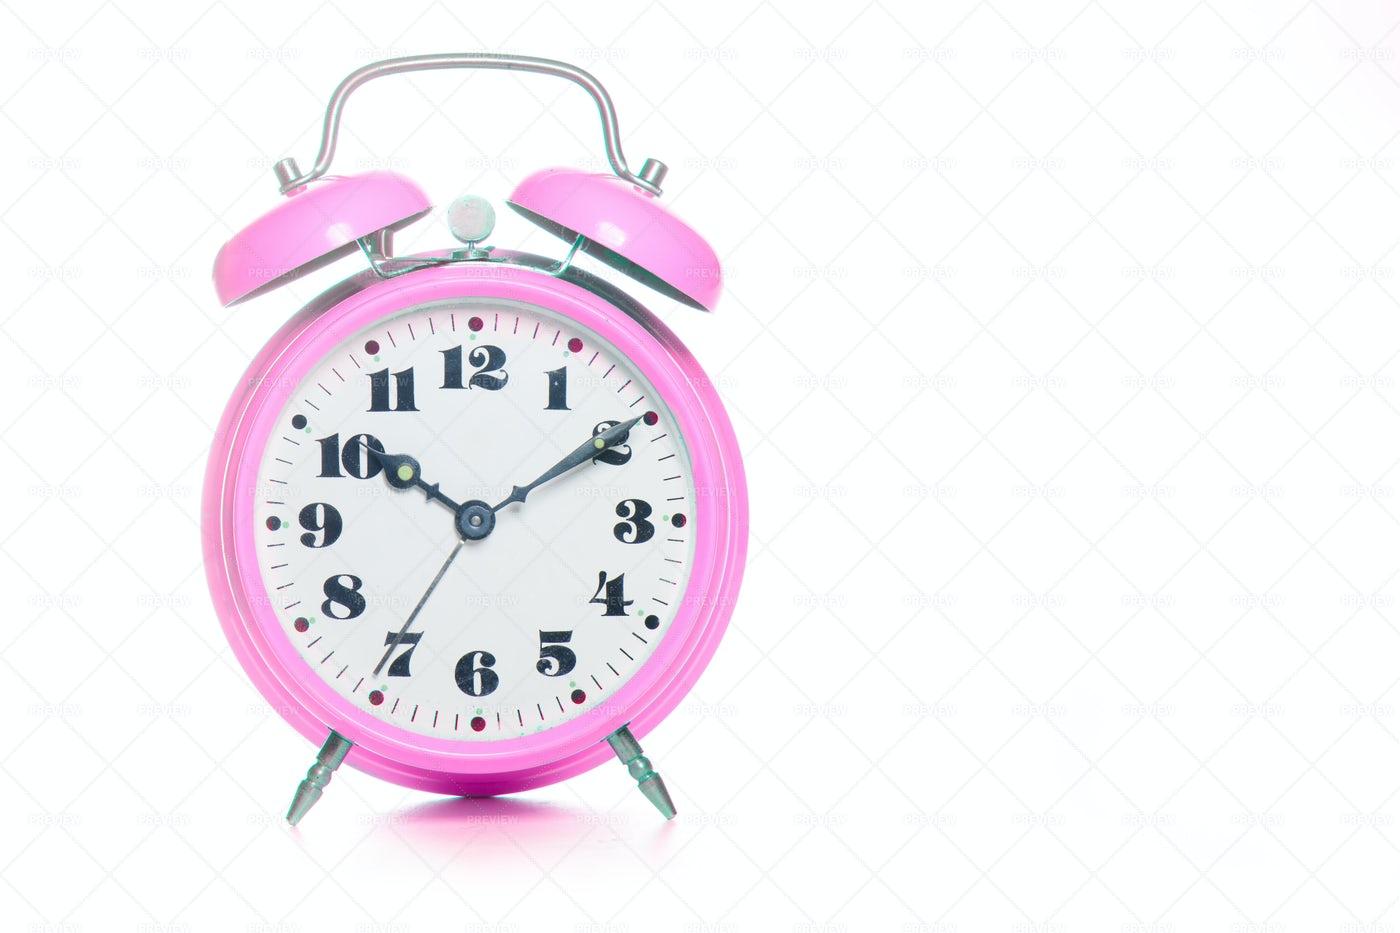 Pink Alarm Clock: Stock Photos